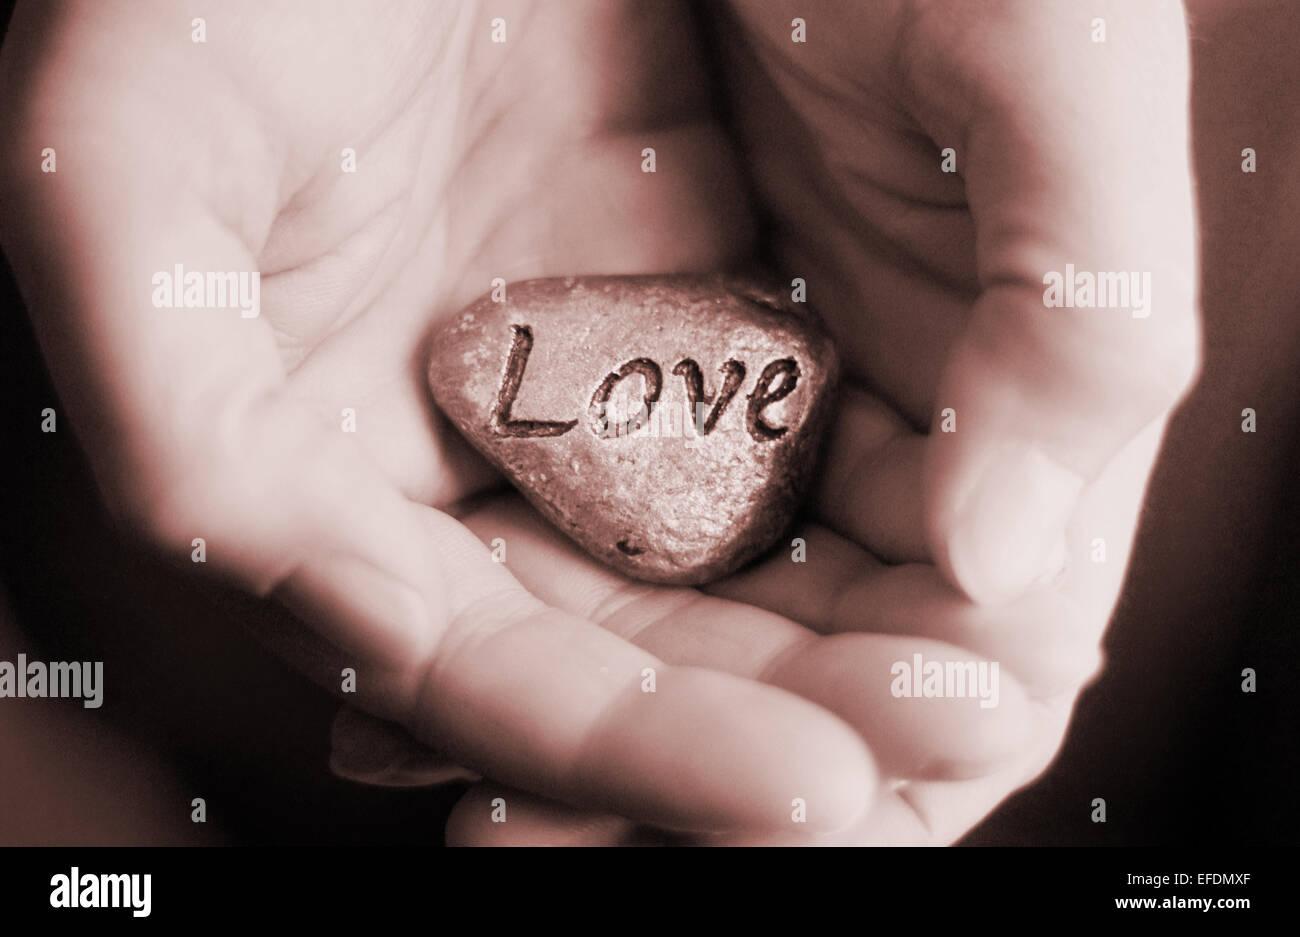 Mano sujetando la piedra del amor. Amor y cuidado concepto Foto de stock